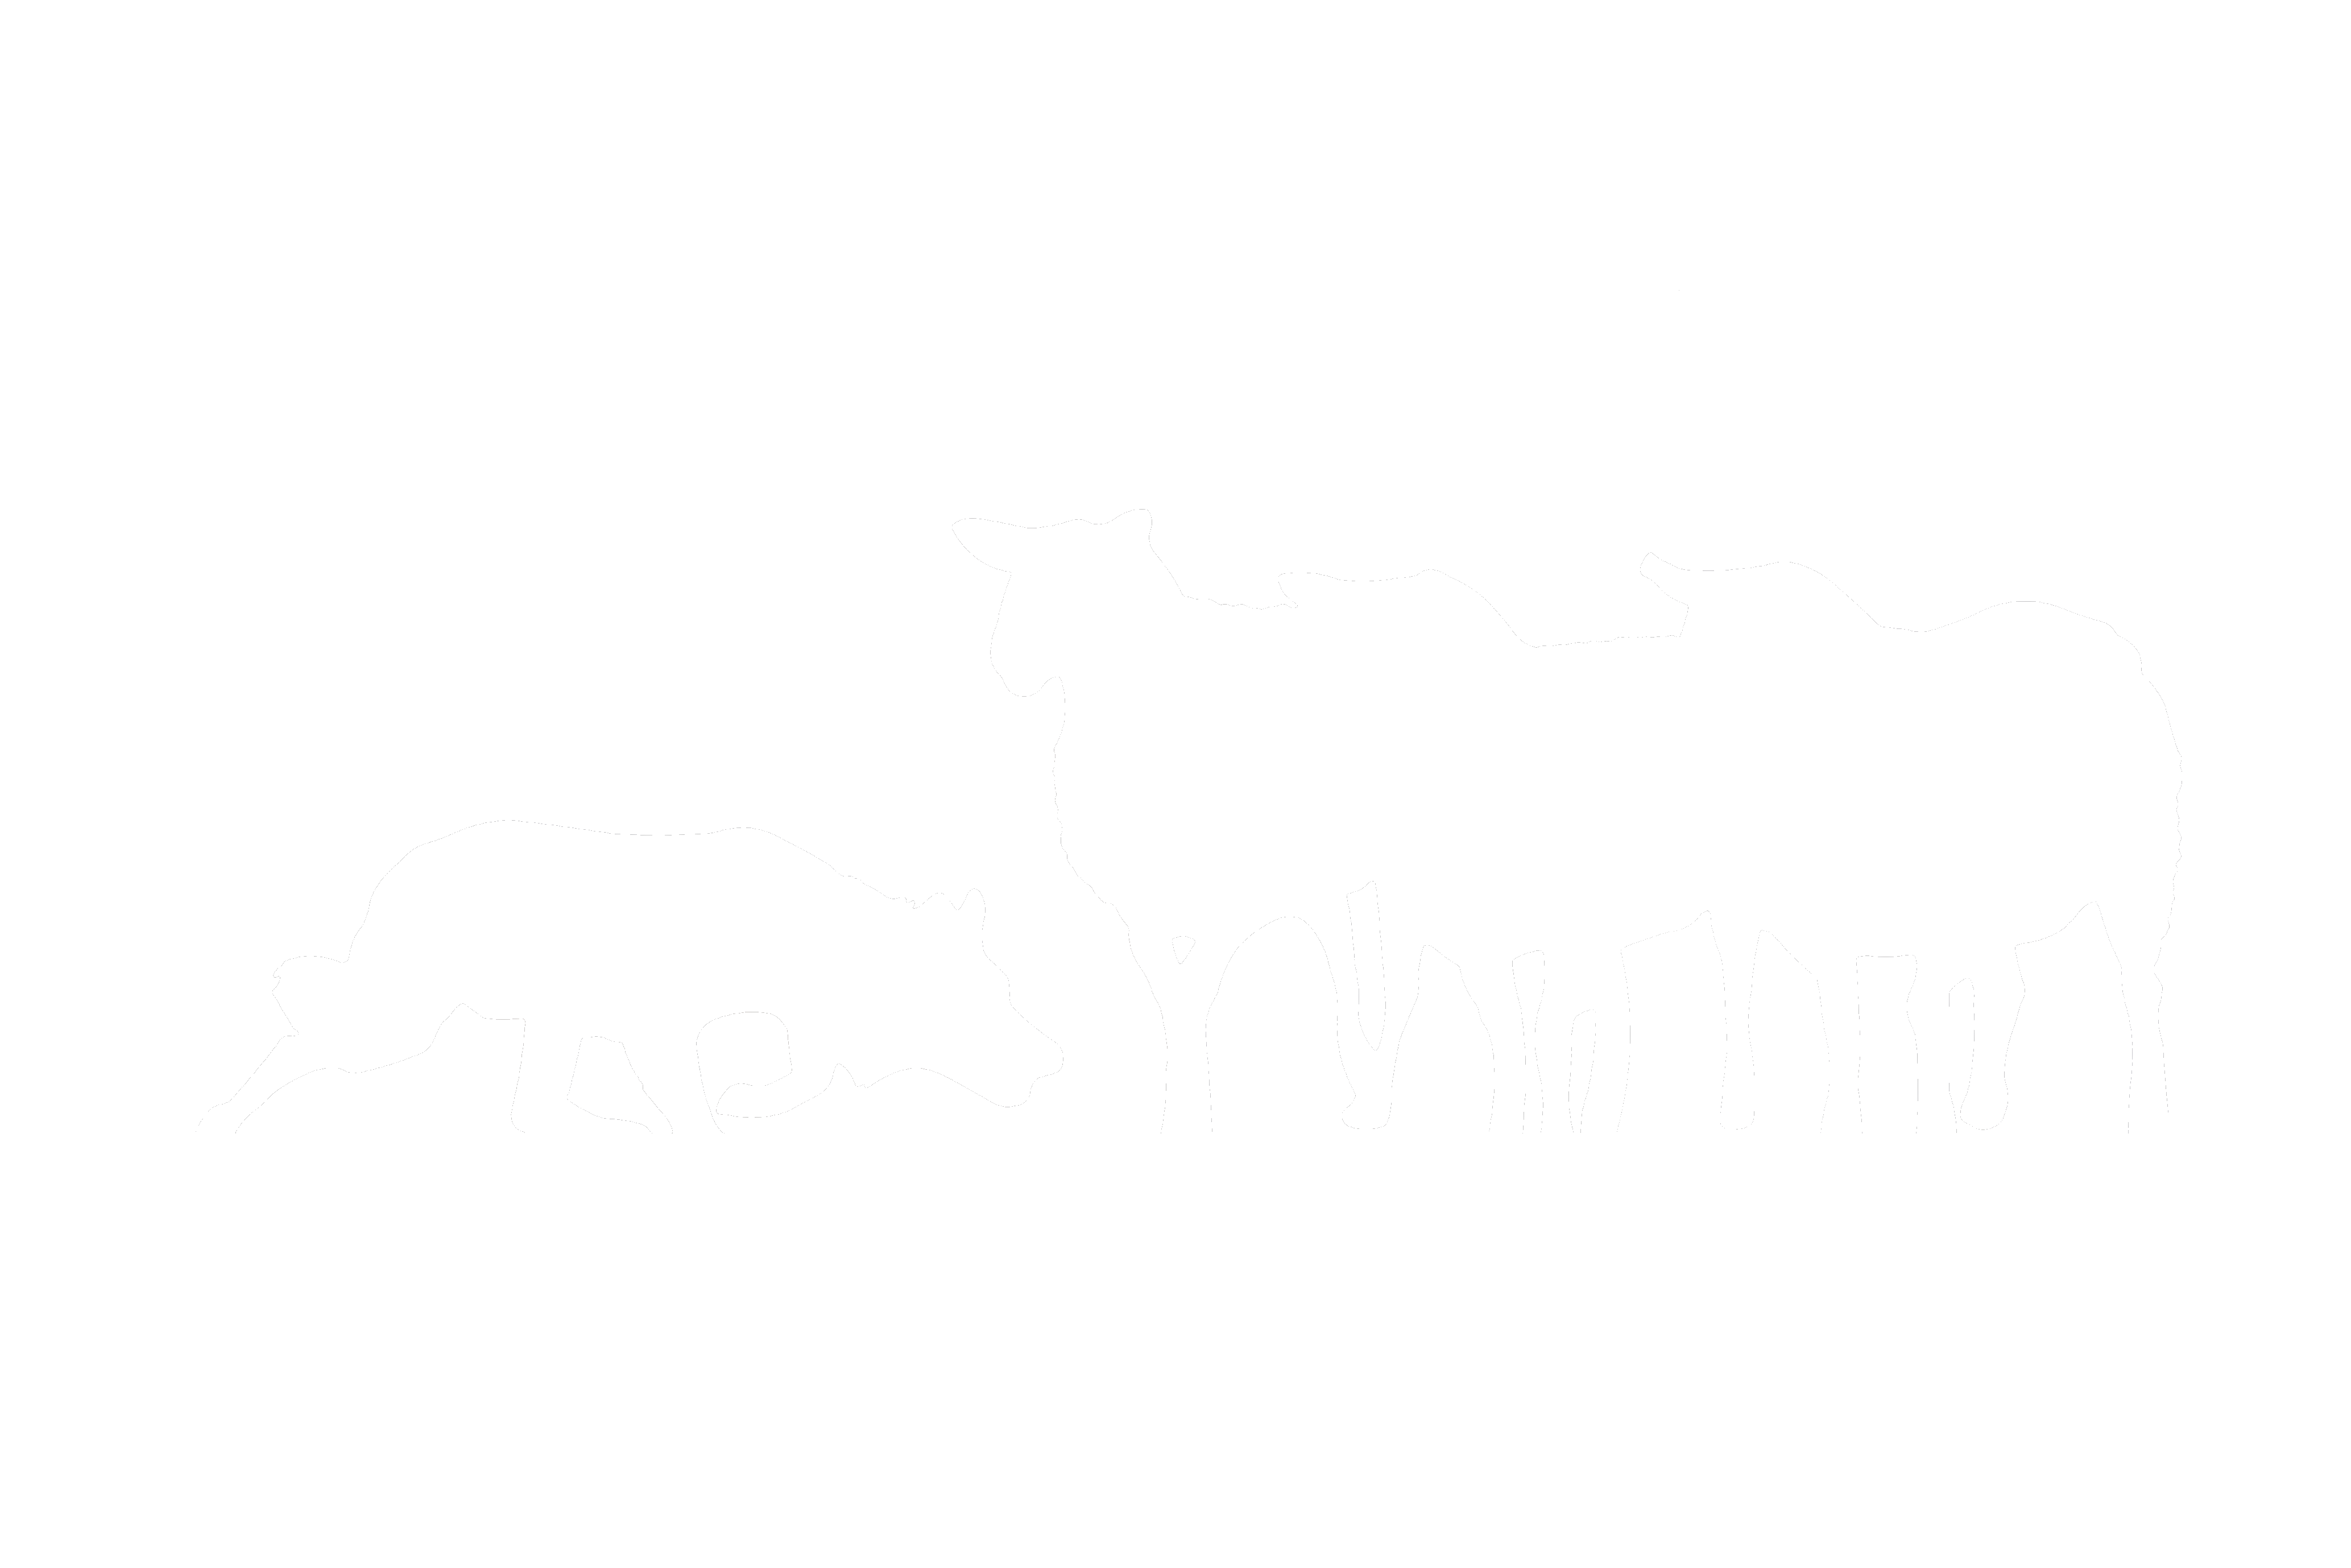 Kennel Adelaine hope